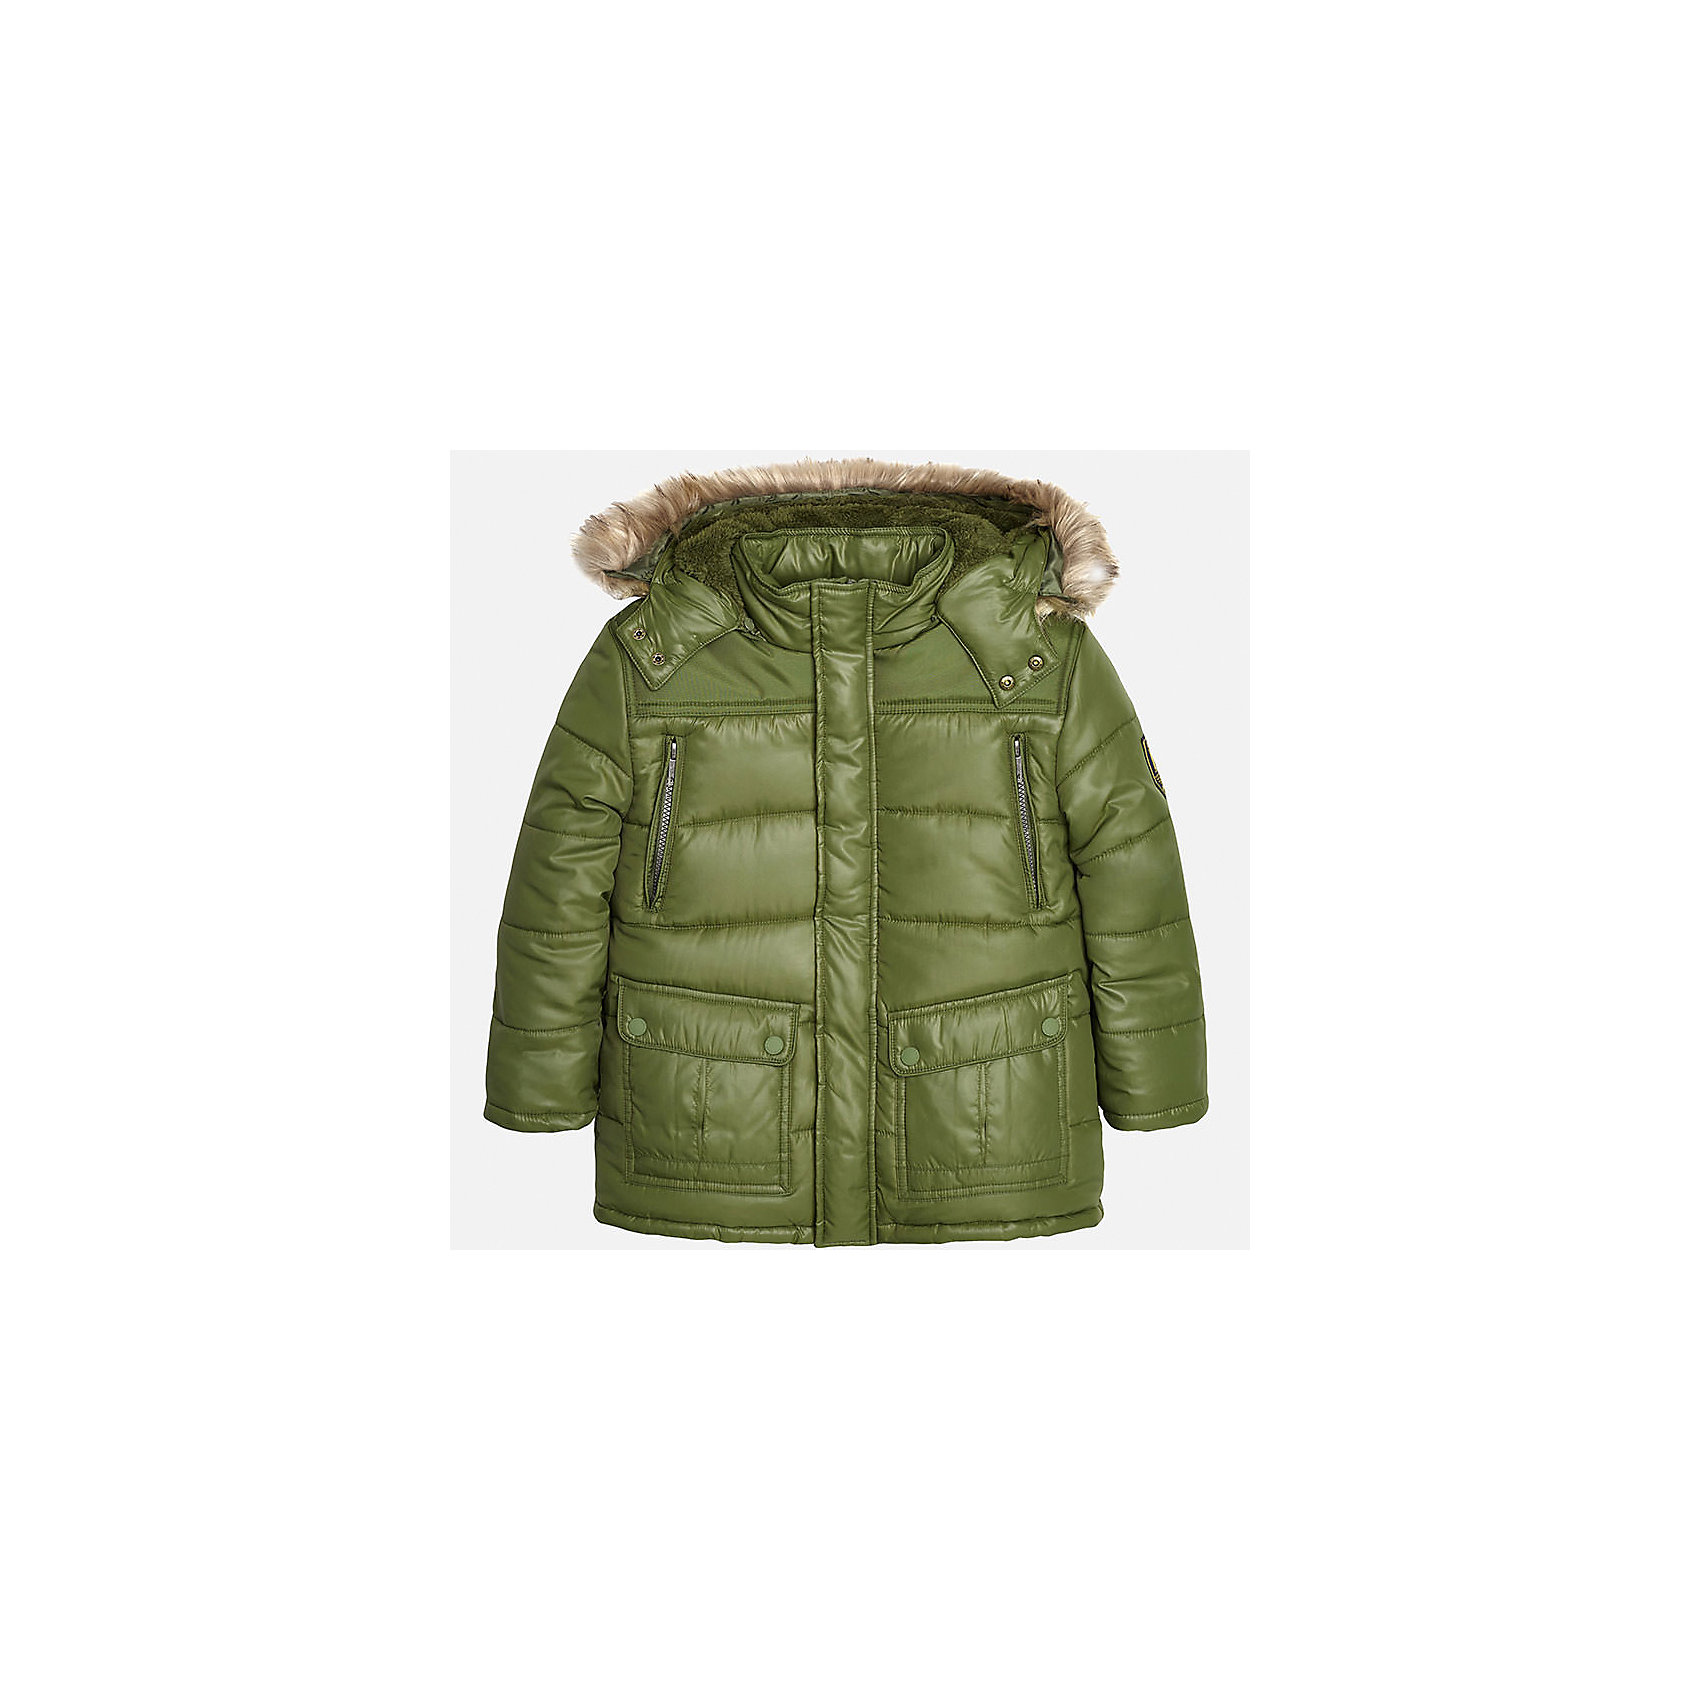 Куртка для мальчика MayoralТеплая куртка для мальчика от популярного испанского бренда Mayoral(Майорал). Куртка очень удобная, изготовлена из материалов, отлично сохраняющих тепло. Есть капюшон с искусственным мехом, застегивается на кнопки. Куртка застегивается на молнию, есть 2 кармана на груди и 2 кармана по бокам.<br><br>Дополнительная информация:<br>Состав: 100% полиэстер<br>Цвет: зеленый<br>Куртку Mayoral(Майорал) можно купить в нашем интернет-магазине.<br><br>Ширина мм: 356<br>Глубина мм: 10<br>Высота мм: 245<br>Вес г: 519<br>Цвет: хаки<br>Возраст от месяцев: 168<br>Возраст до месяцев: 180<br>Пол: Мужской<br>Возраст: Детский<br>Размер: 164/170,146/152,128/134,140/146,152/158,158/164<br>SKU: 4827134